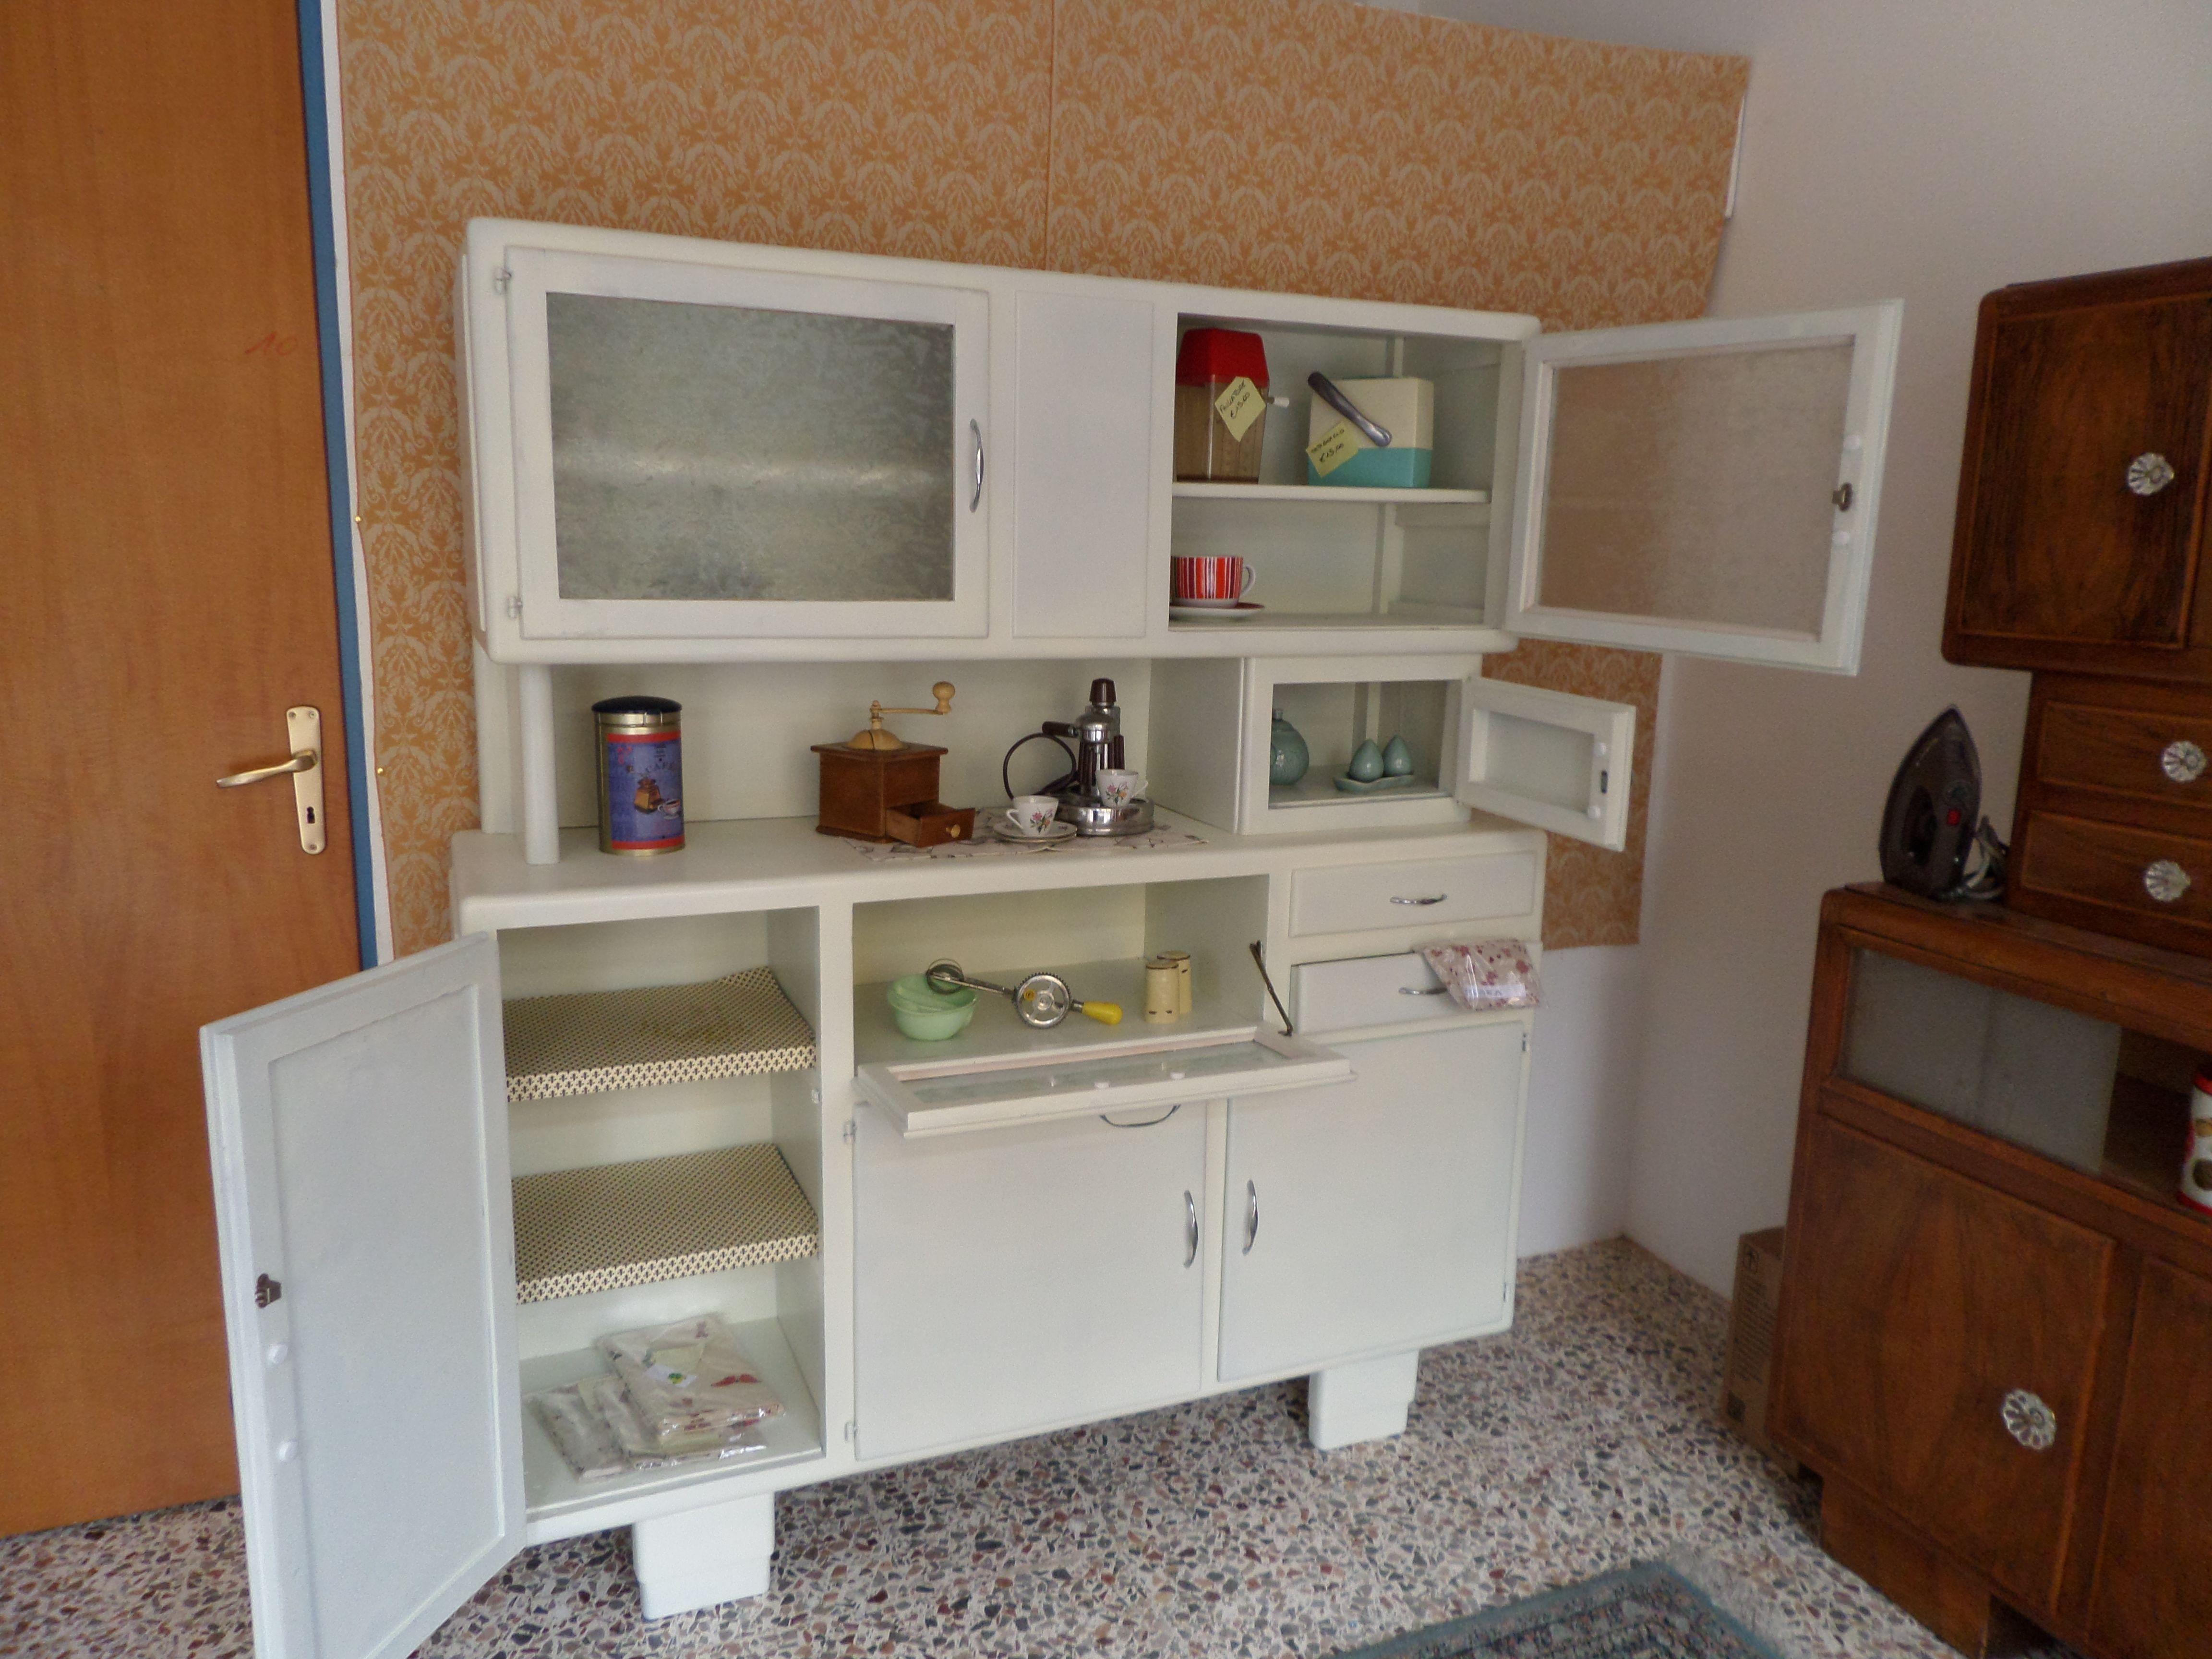 vetrina anni 50 vintage style | arredamento anni 50 | pinterest ... - Arredamento Anni Italiano